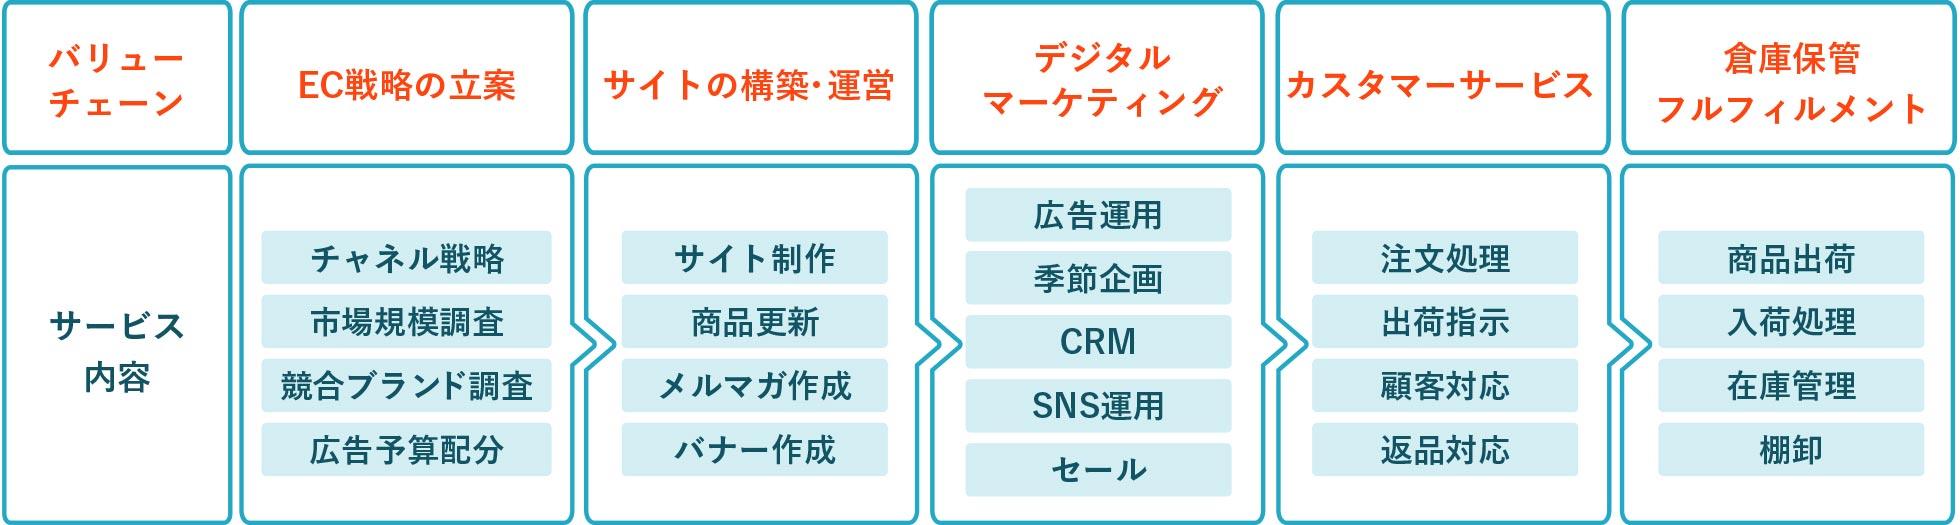 EC戦略の立案 サイトの構築・運営 デジタルマーケティング カスタマーサービス 倉庫保管フルフィルメント